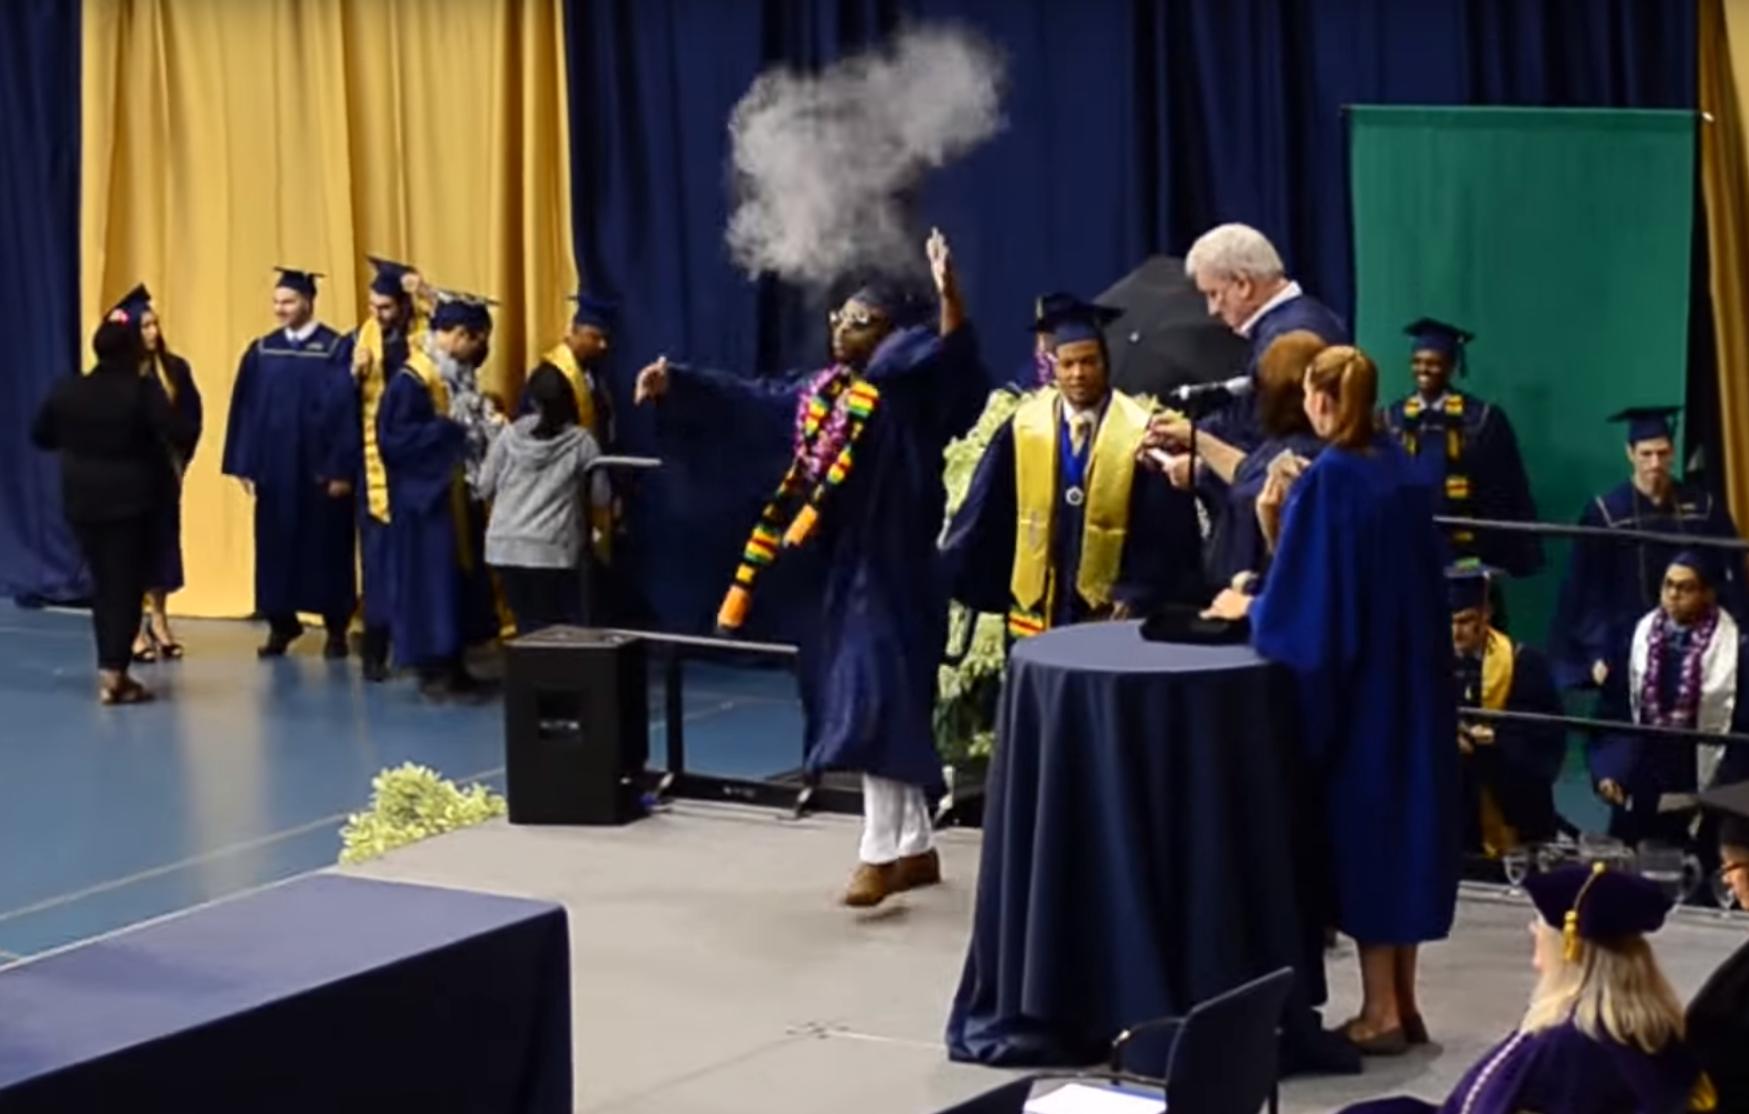 Un étudiant imite LeBron James à la remise des diplômes